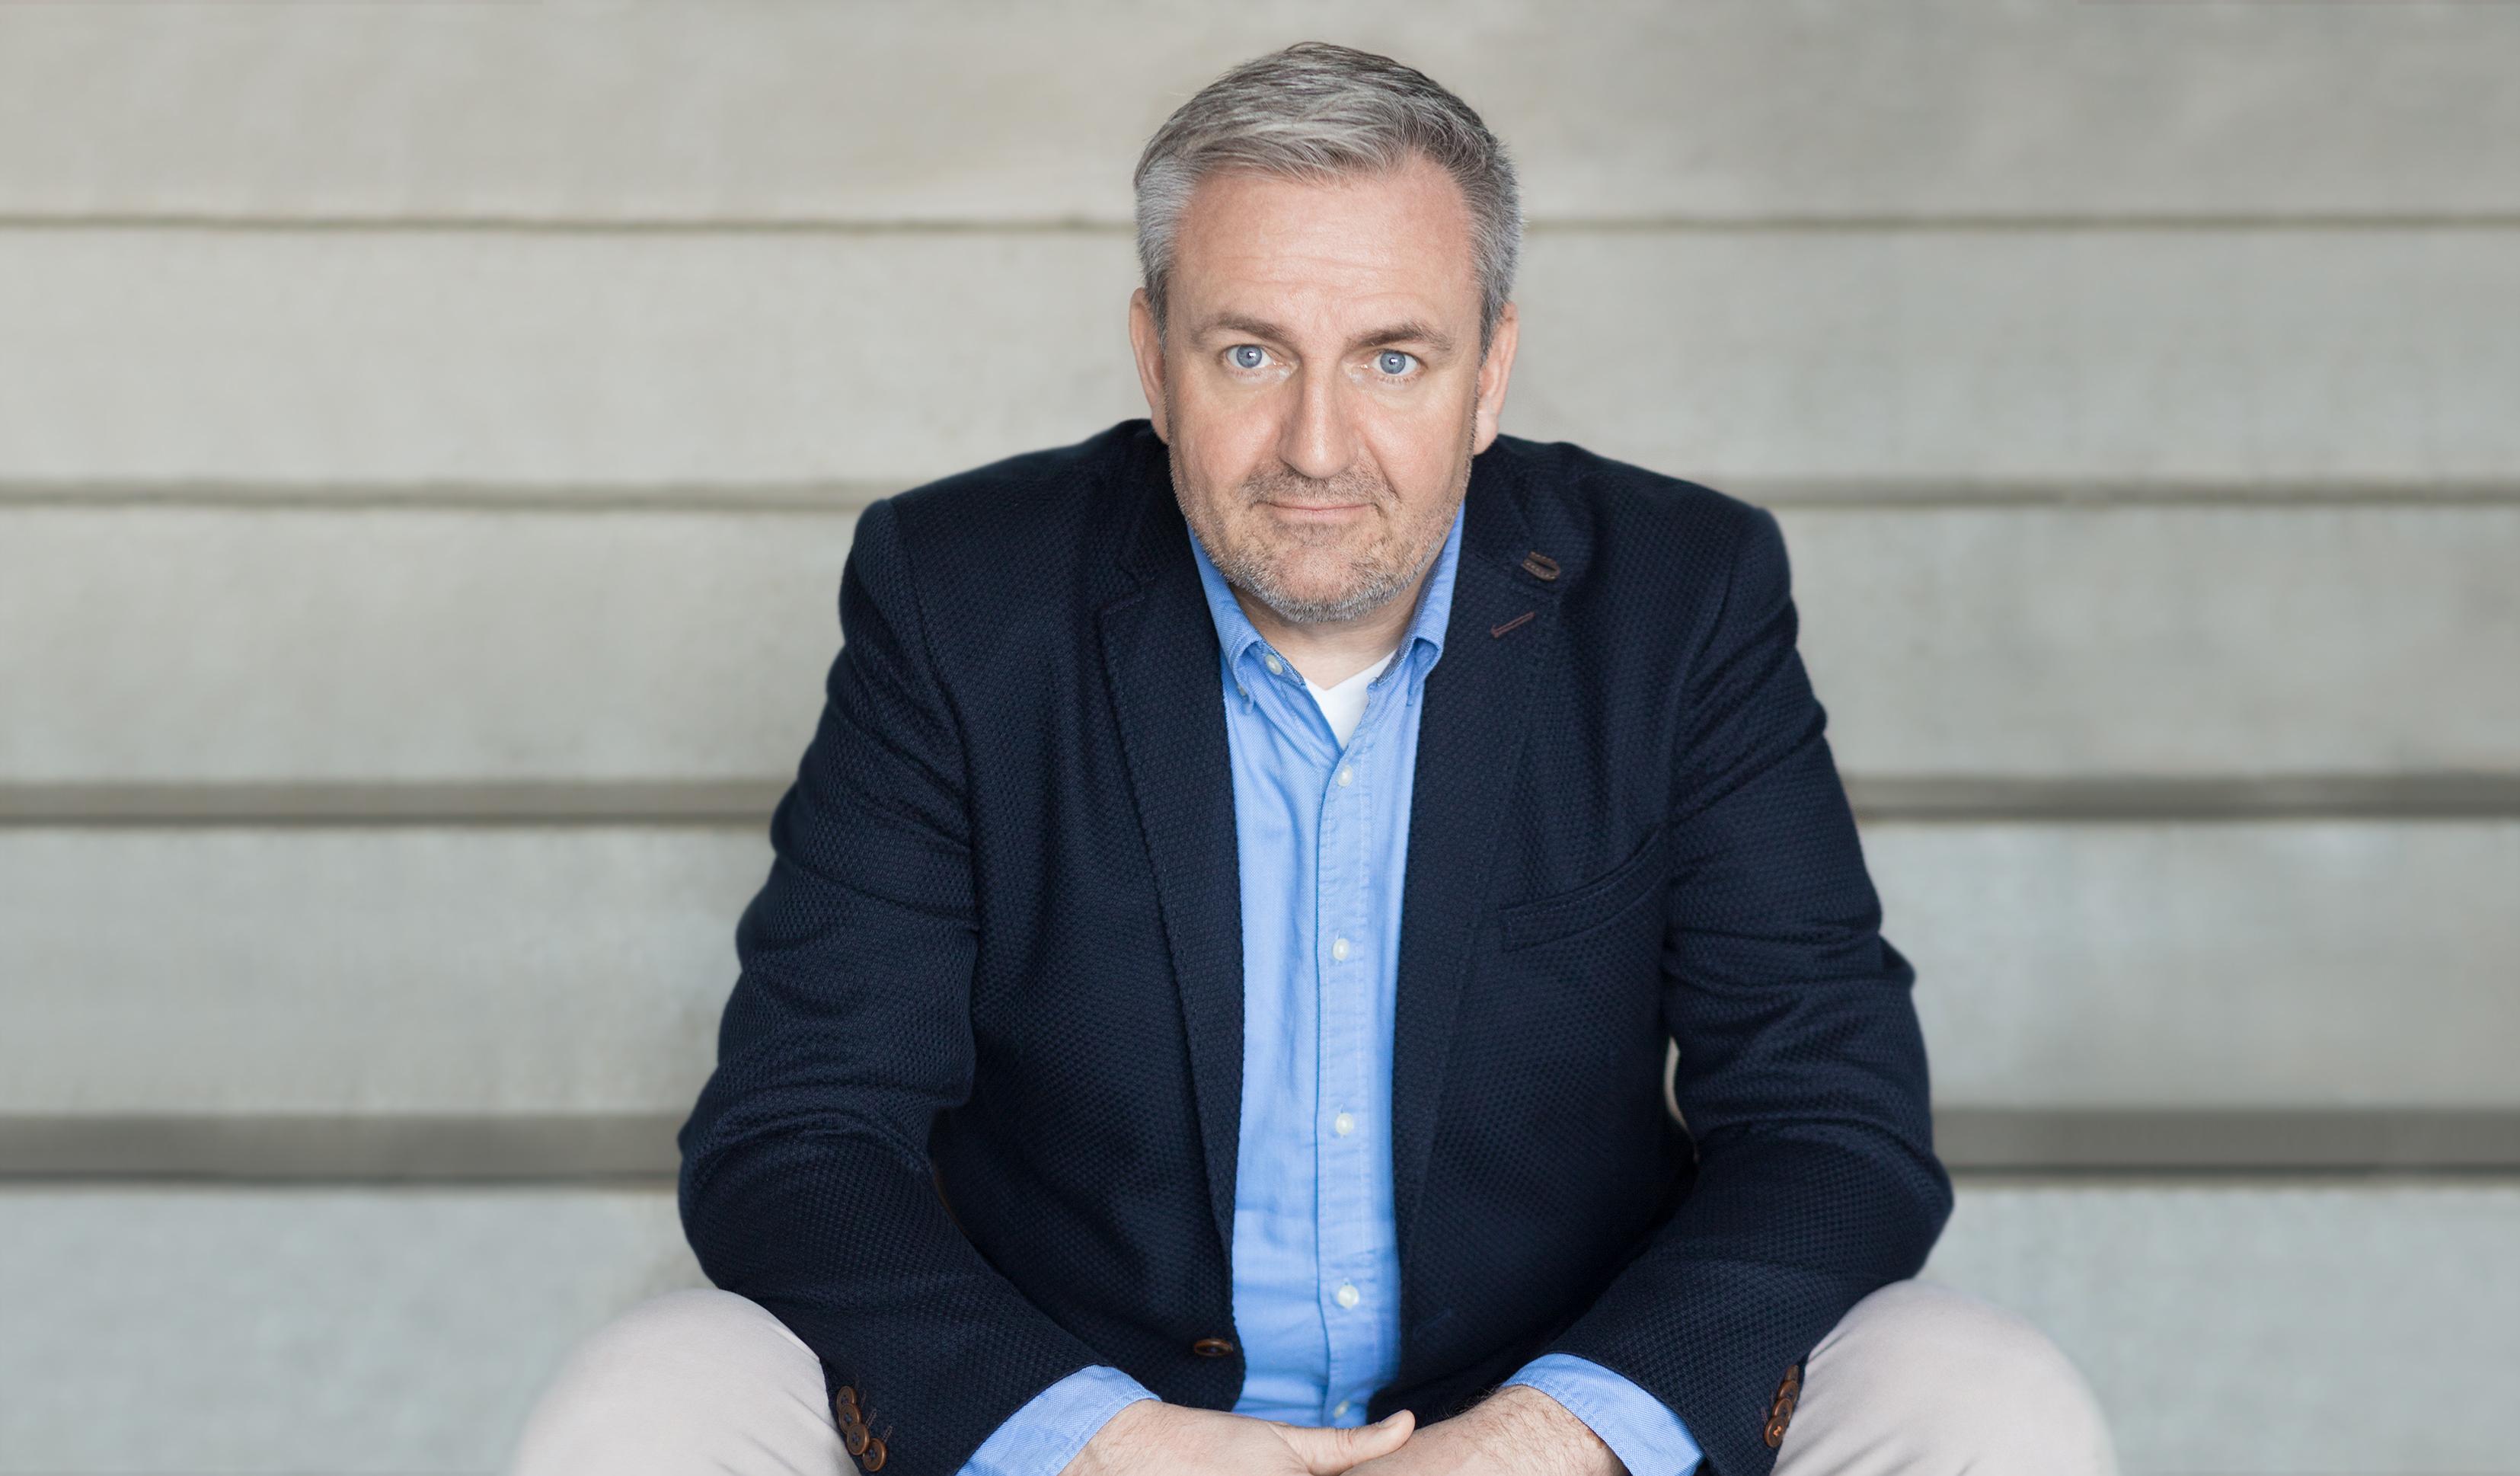 Sven Enger ist Keynote Speaker auf der B.A.U.M.-Jahrestagung in Darmstadt. (Bildcredit: Sven Enger)